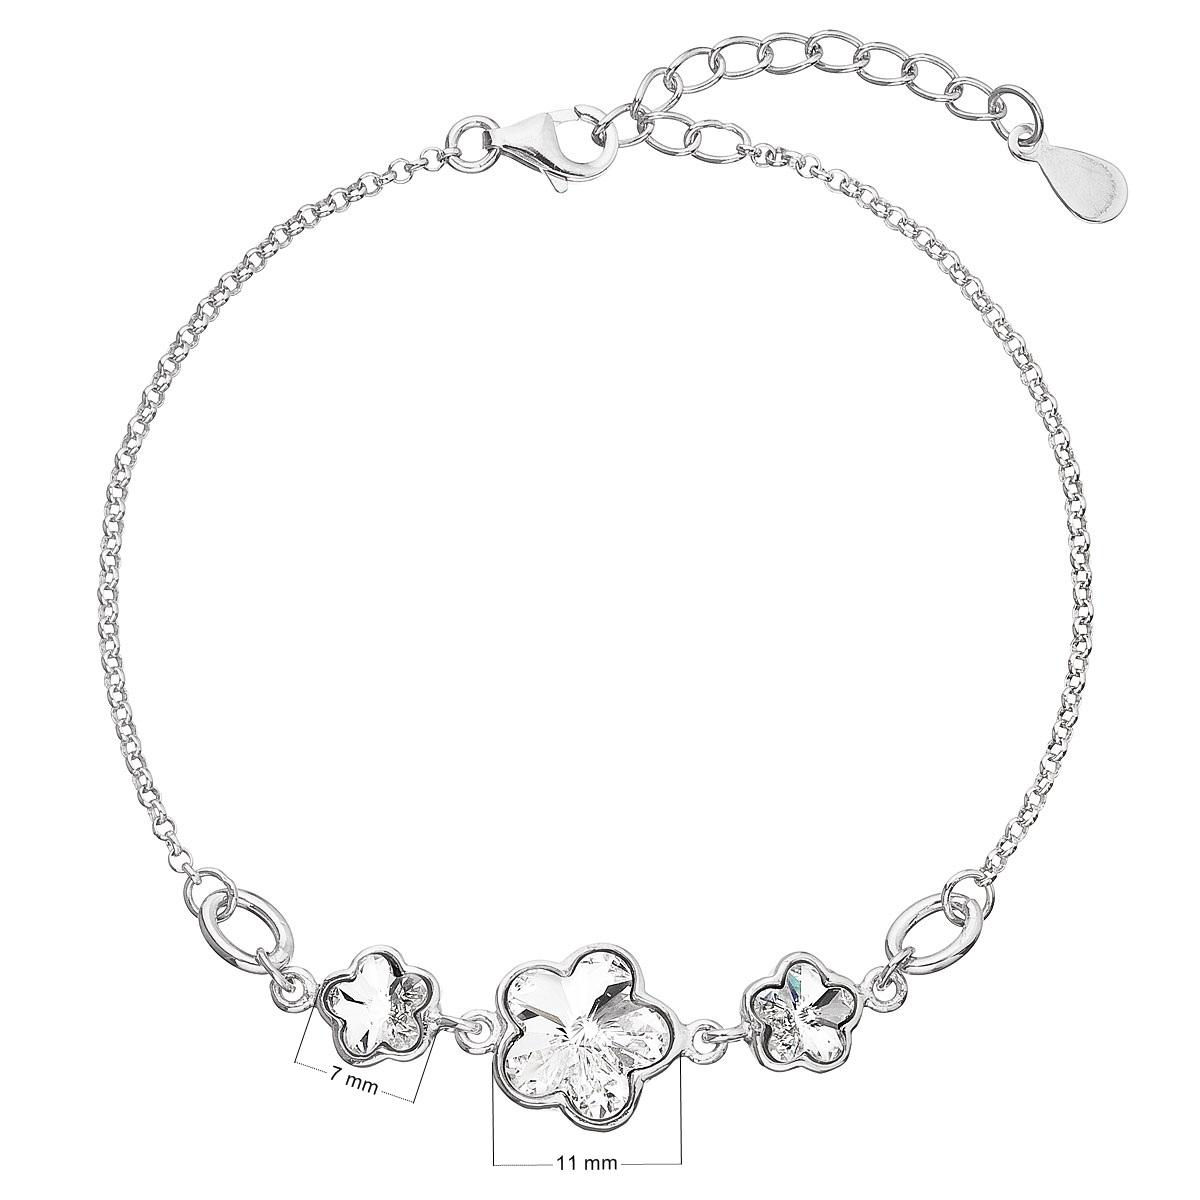 Strieborný náramok s kvietkami Crystals from Swarovski®Crystal